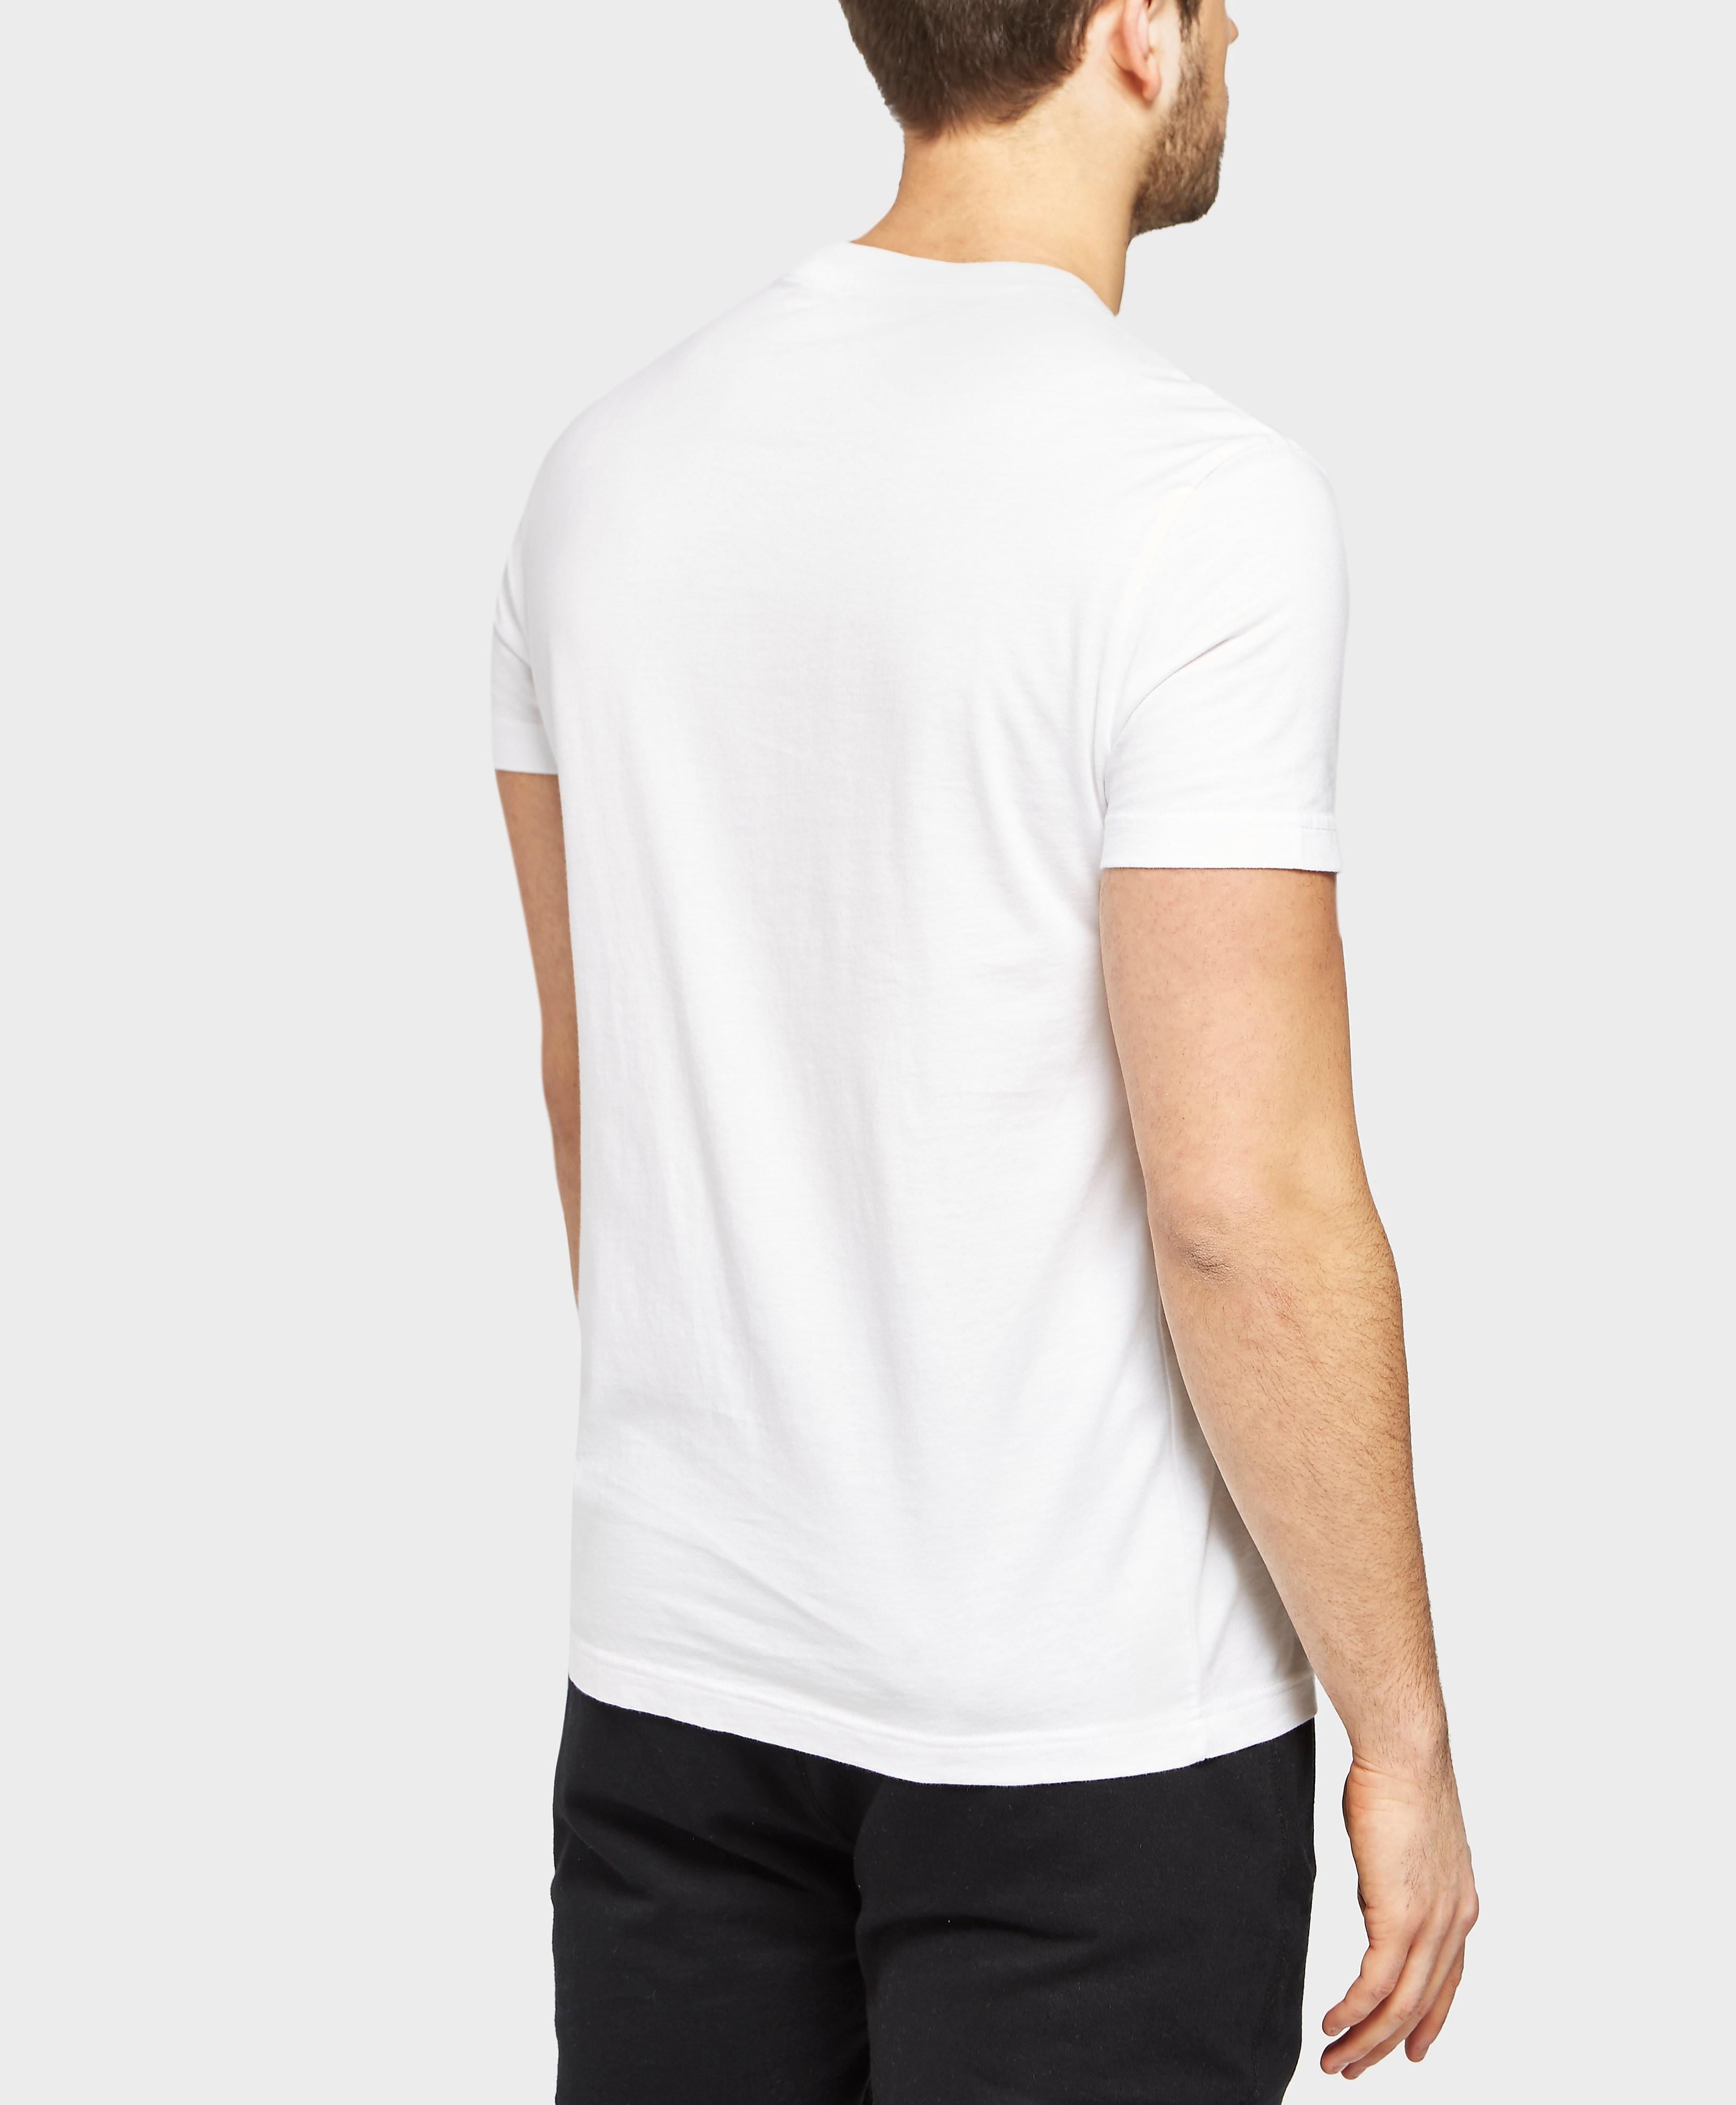 Emporio Armani EA7 Eagle Short Sleeve T-Shirt